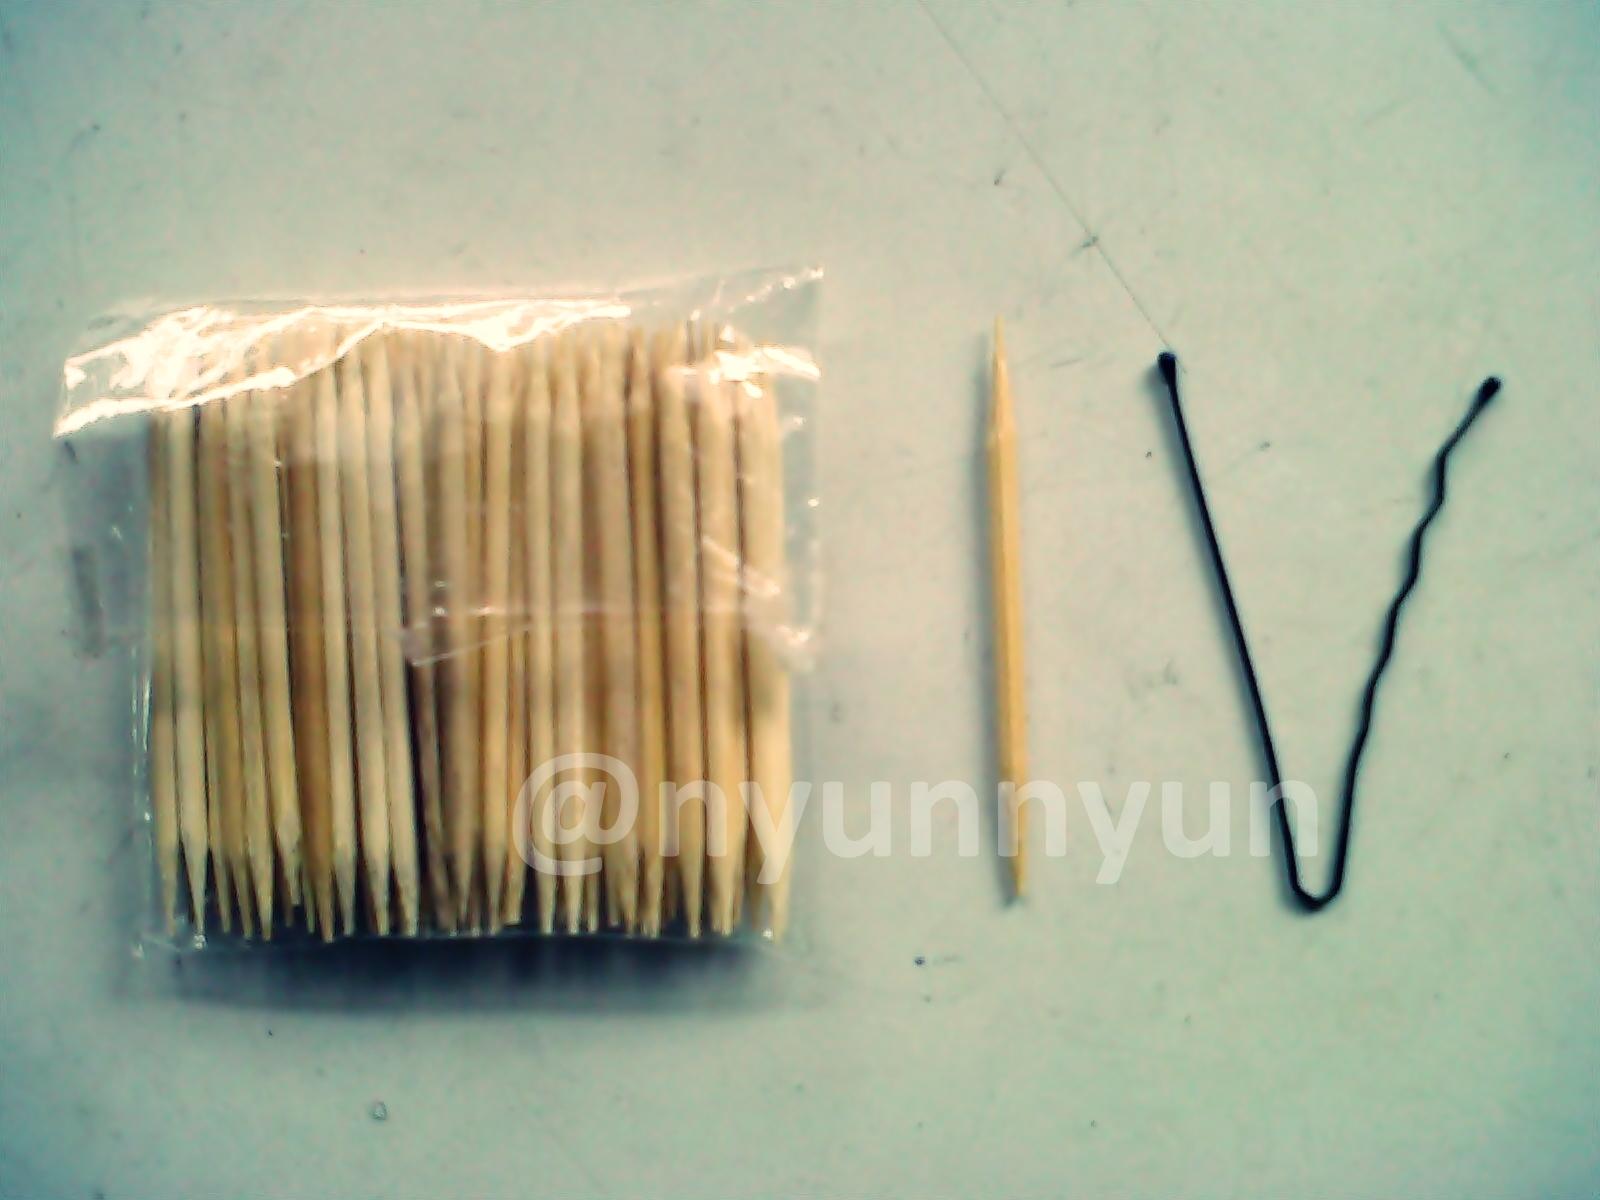 my nail art tools: tusuk gigi+jepit rambut